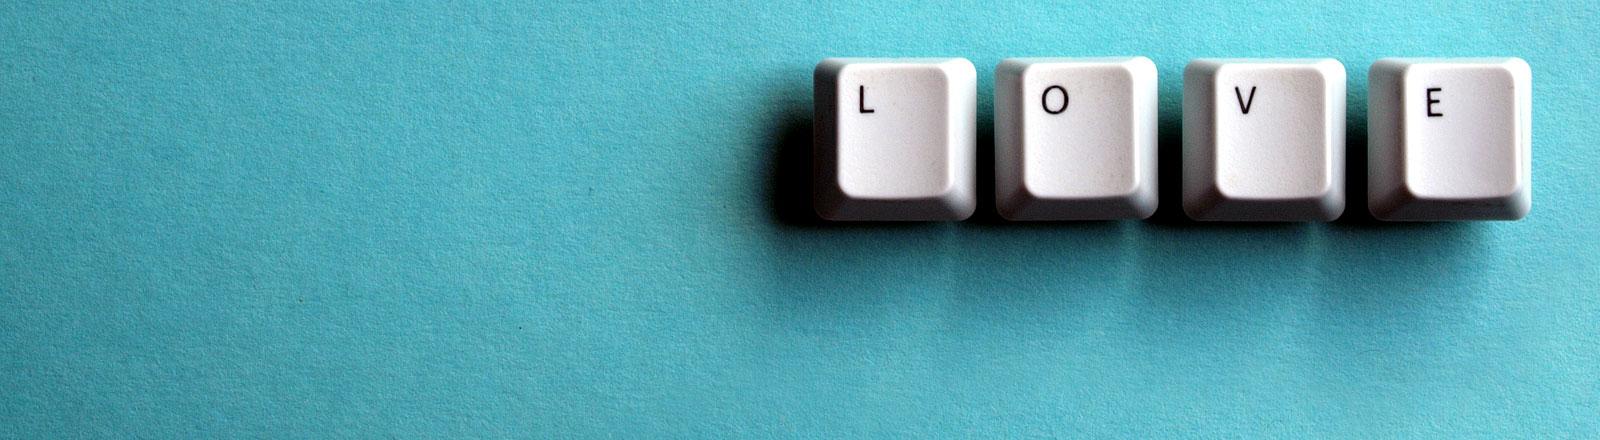 Mit Computertasten wurden das Wort Love gelegt